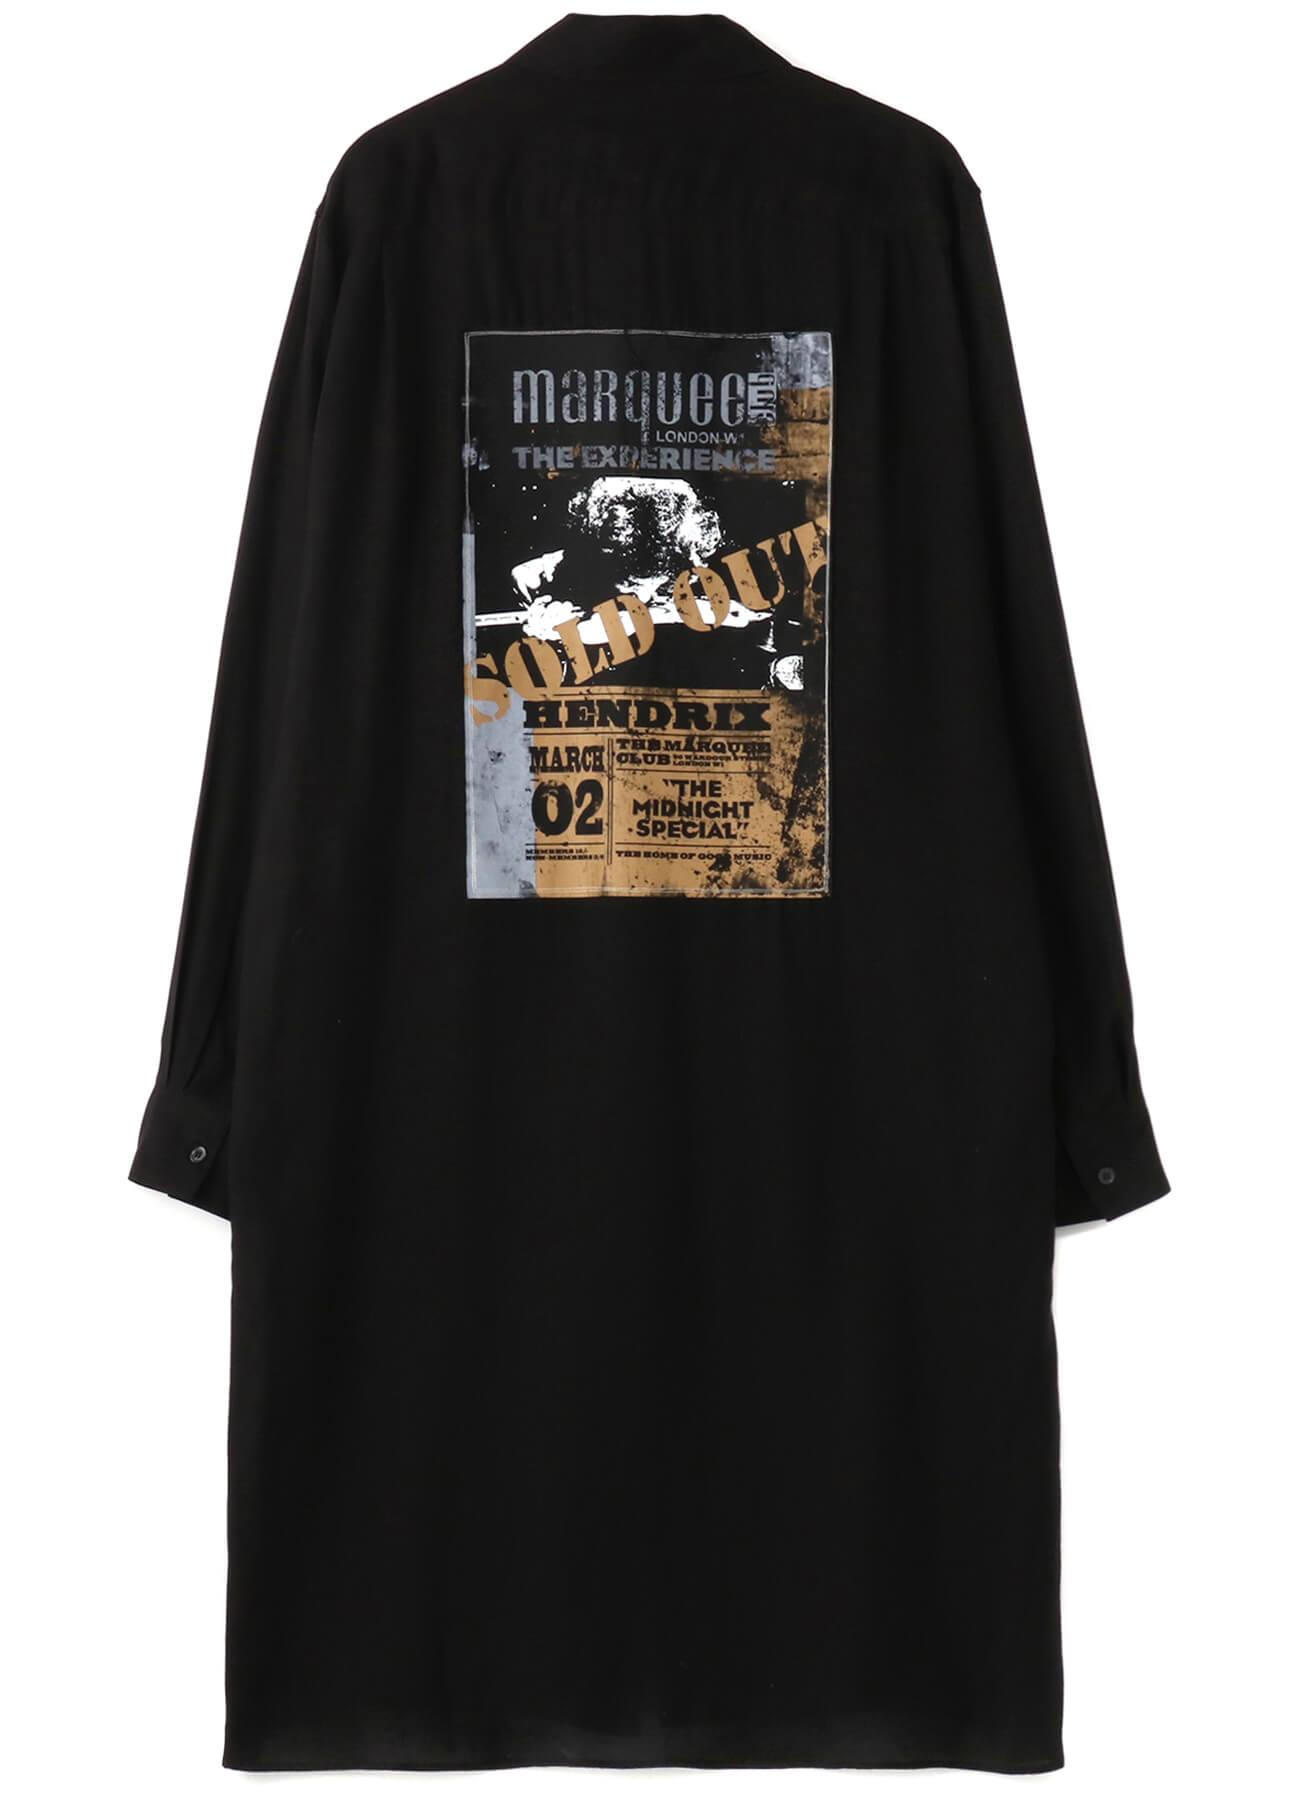 マーキー・クラブ®にJIMI HENDRIXが出演した時代のライブ・フォト、ライブ・フライヤーにS'YTEオリジナルのペイントを施したロングシャツ 23,500円